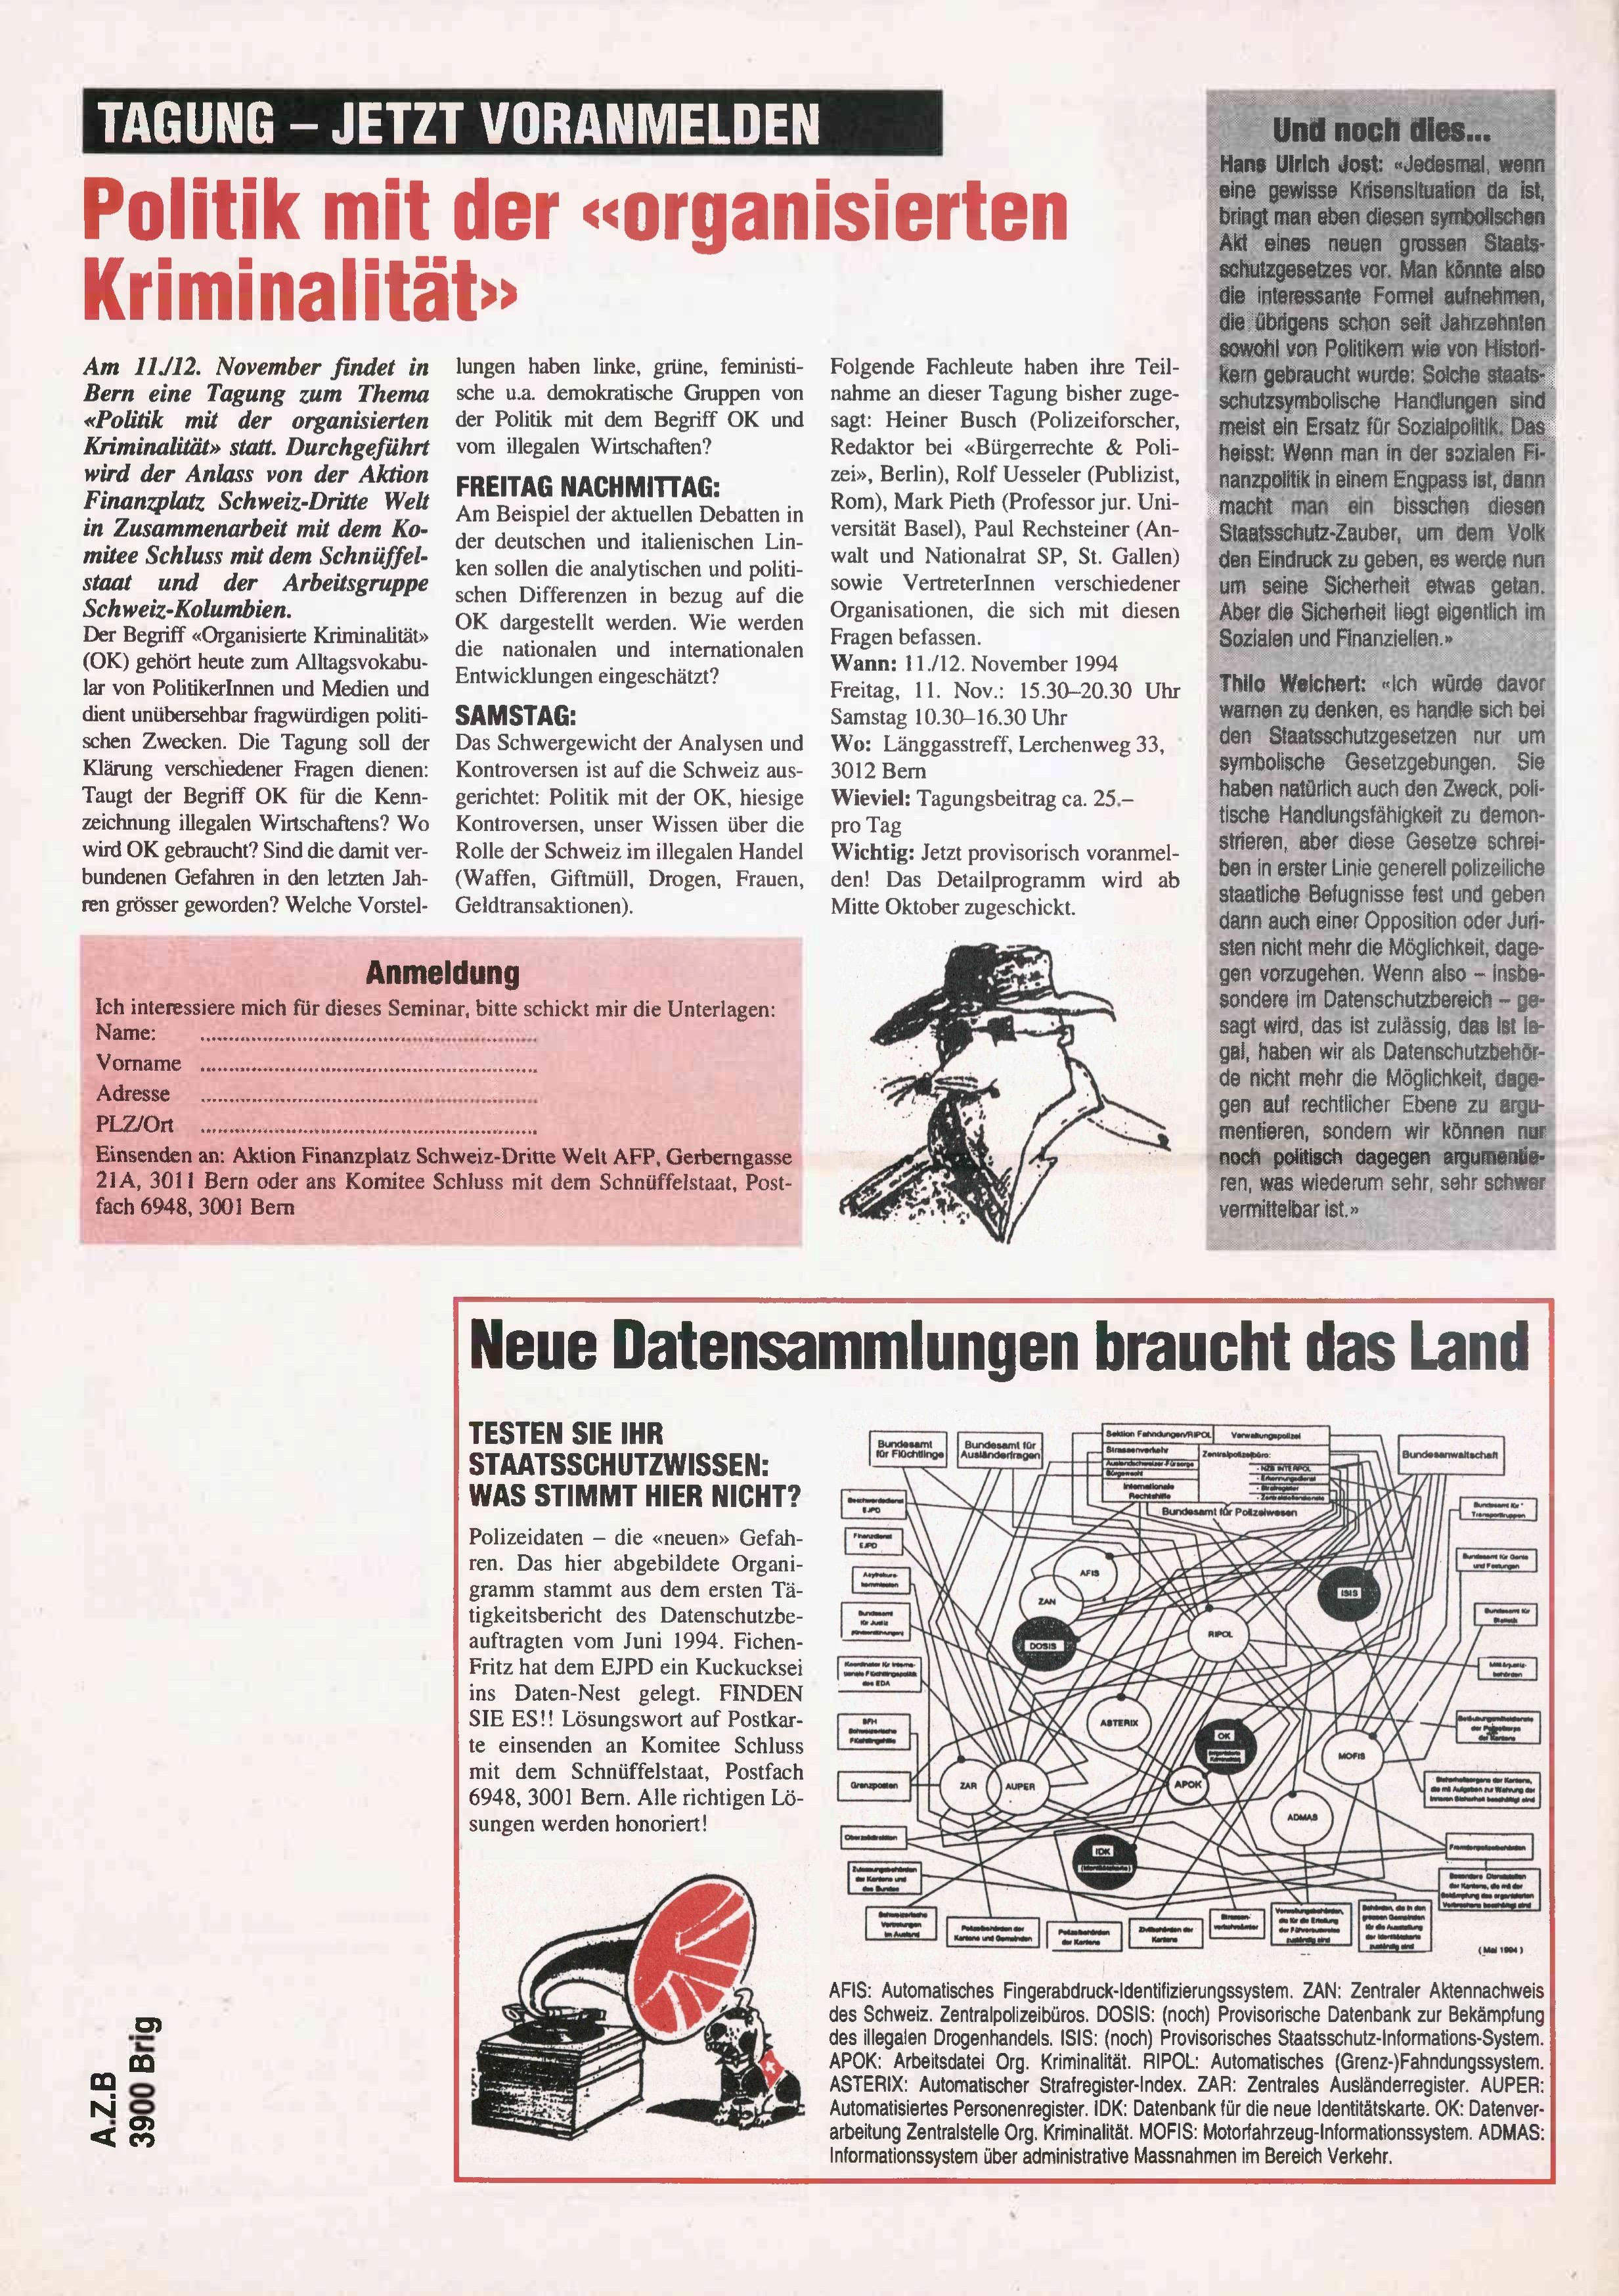 FICHEN FRITZ NR. 18 - SEITE 8